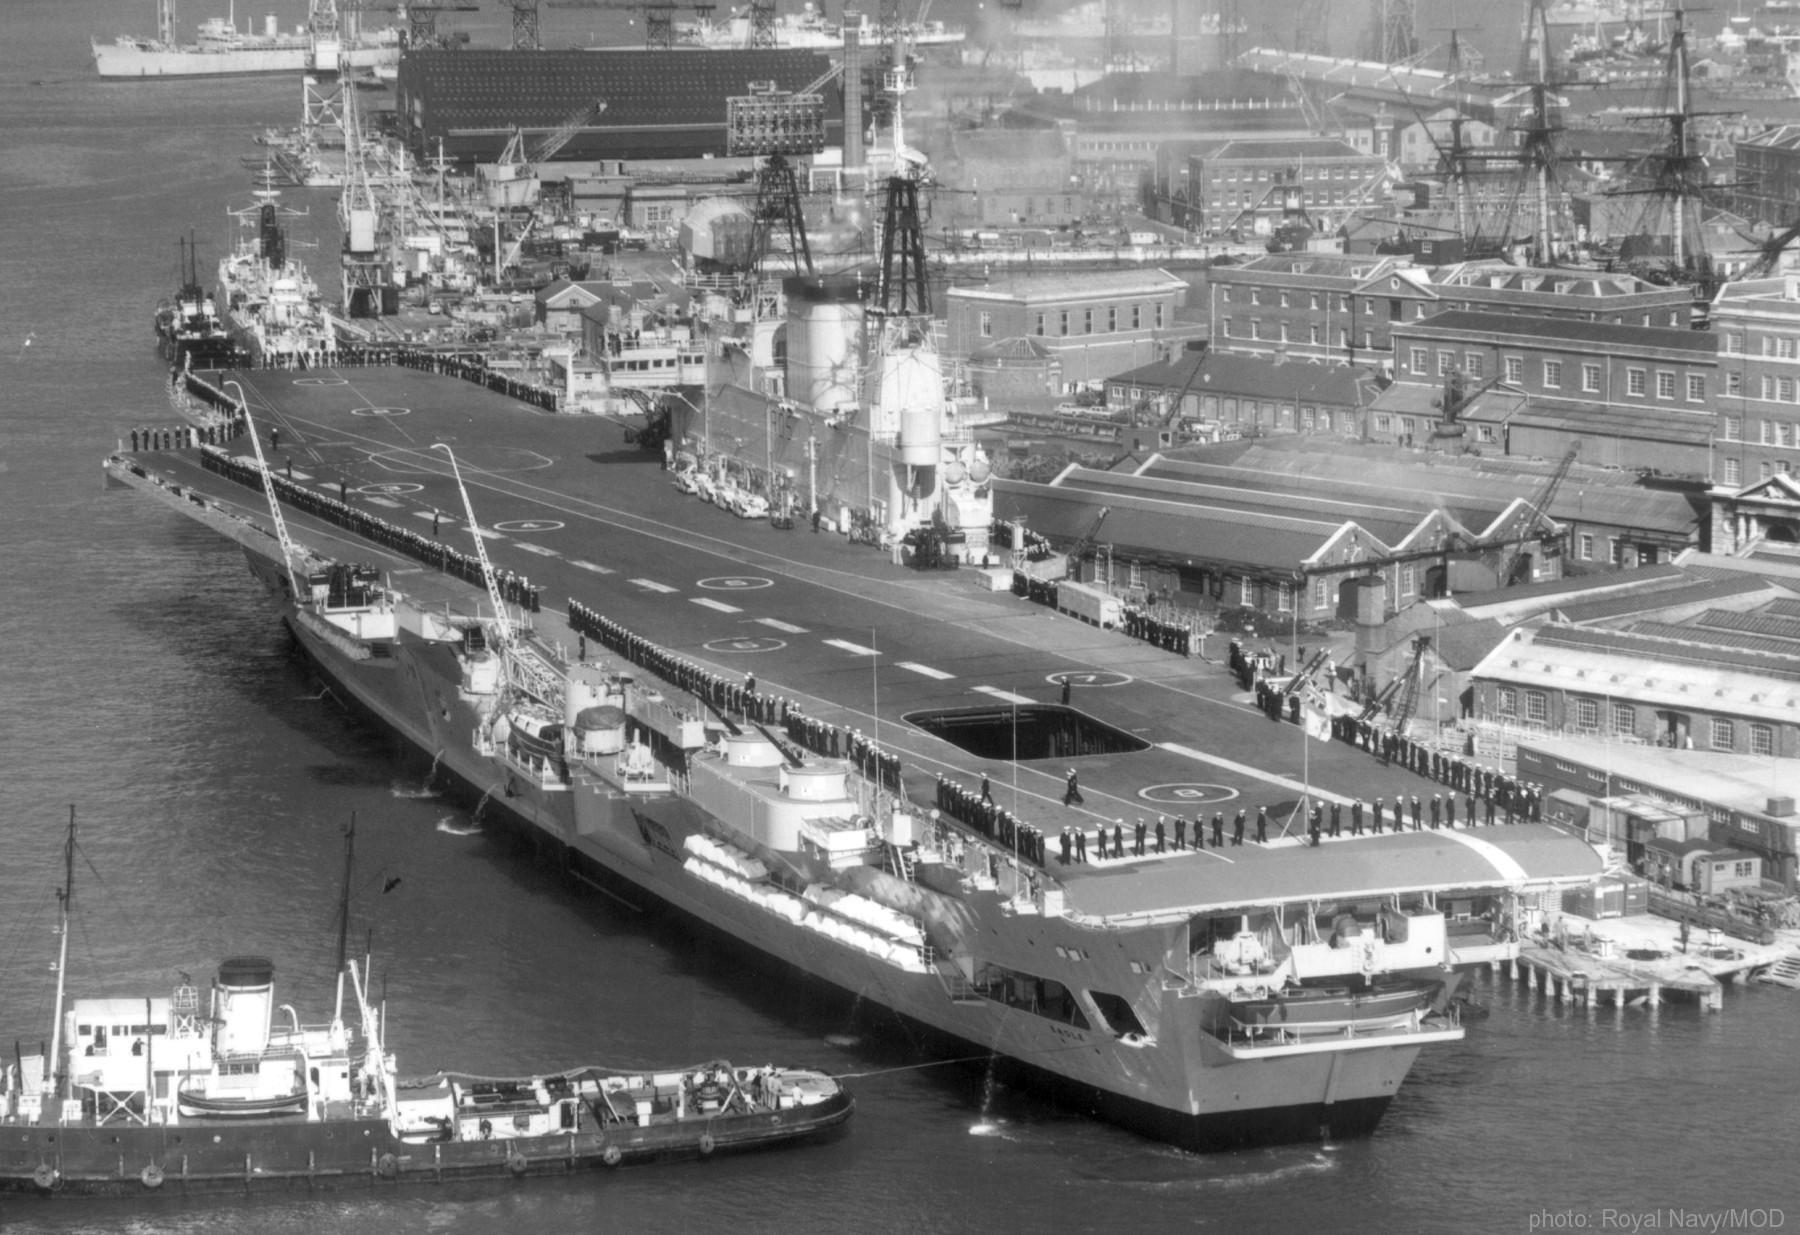 HMS Eagle R 05 Audacious class aircraft carrier Royal Navy